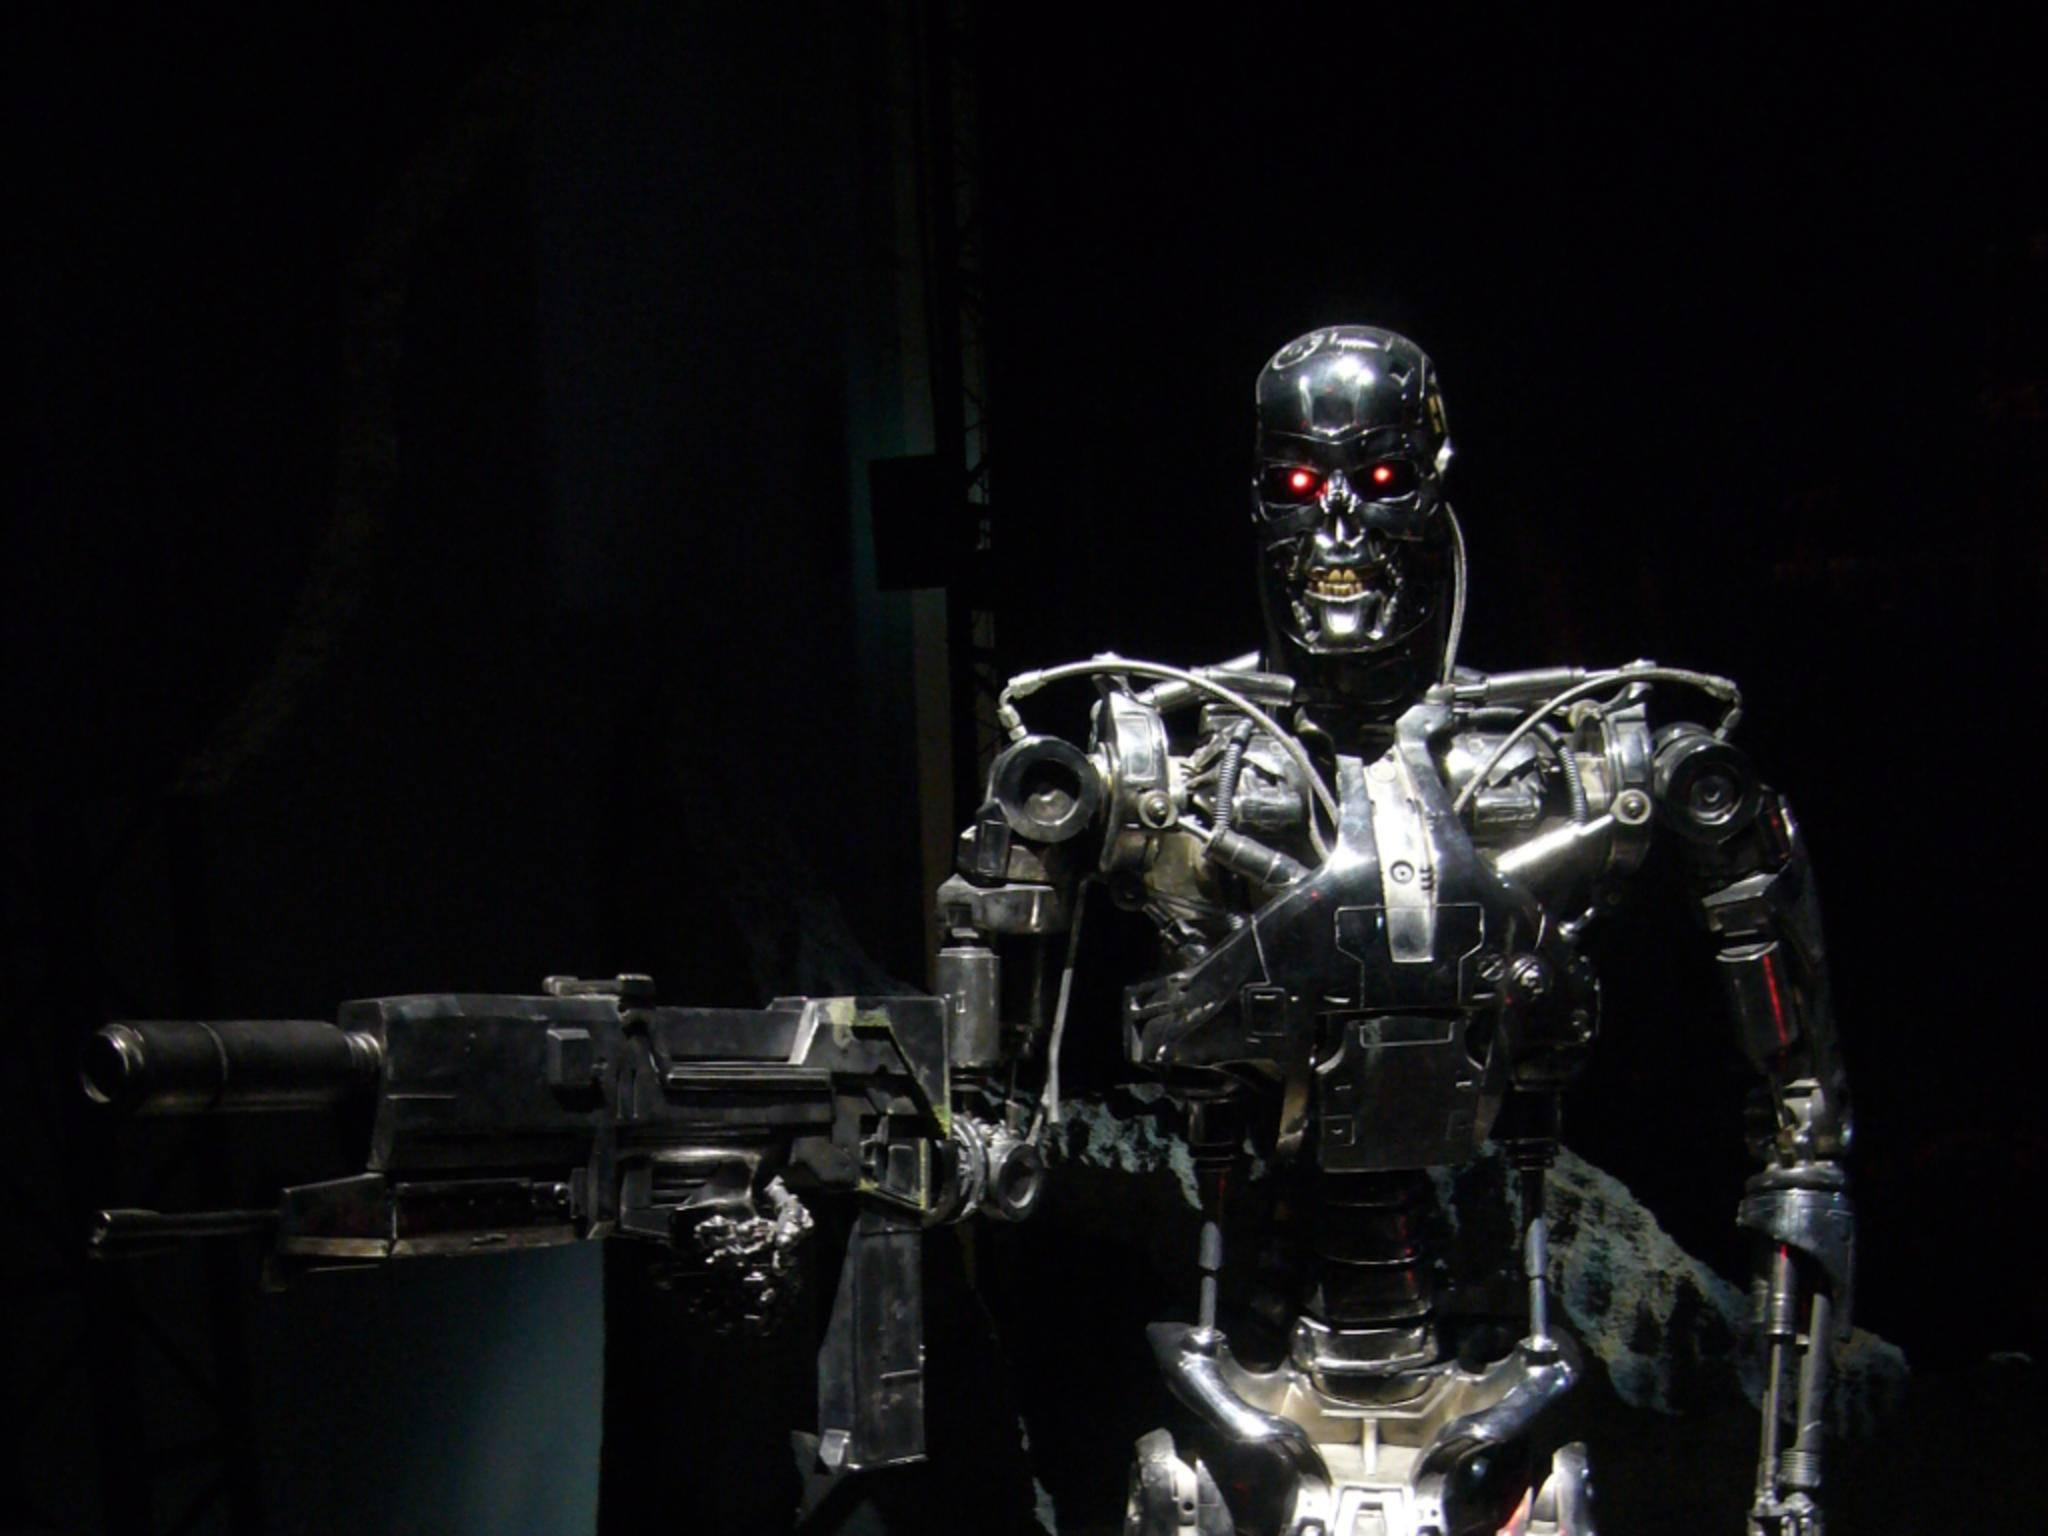 Werden Roboter intelligent, könnten sie laut Stephen Hawking zur Gefahr für die Menschheit werden.